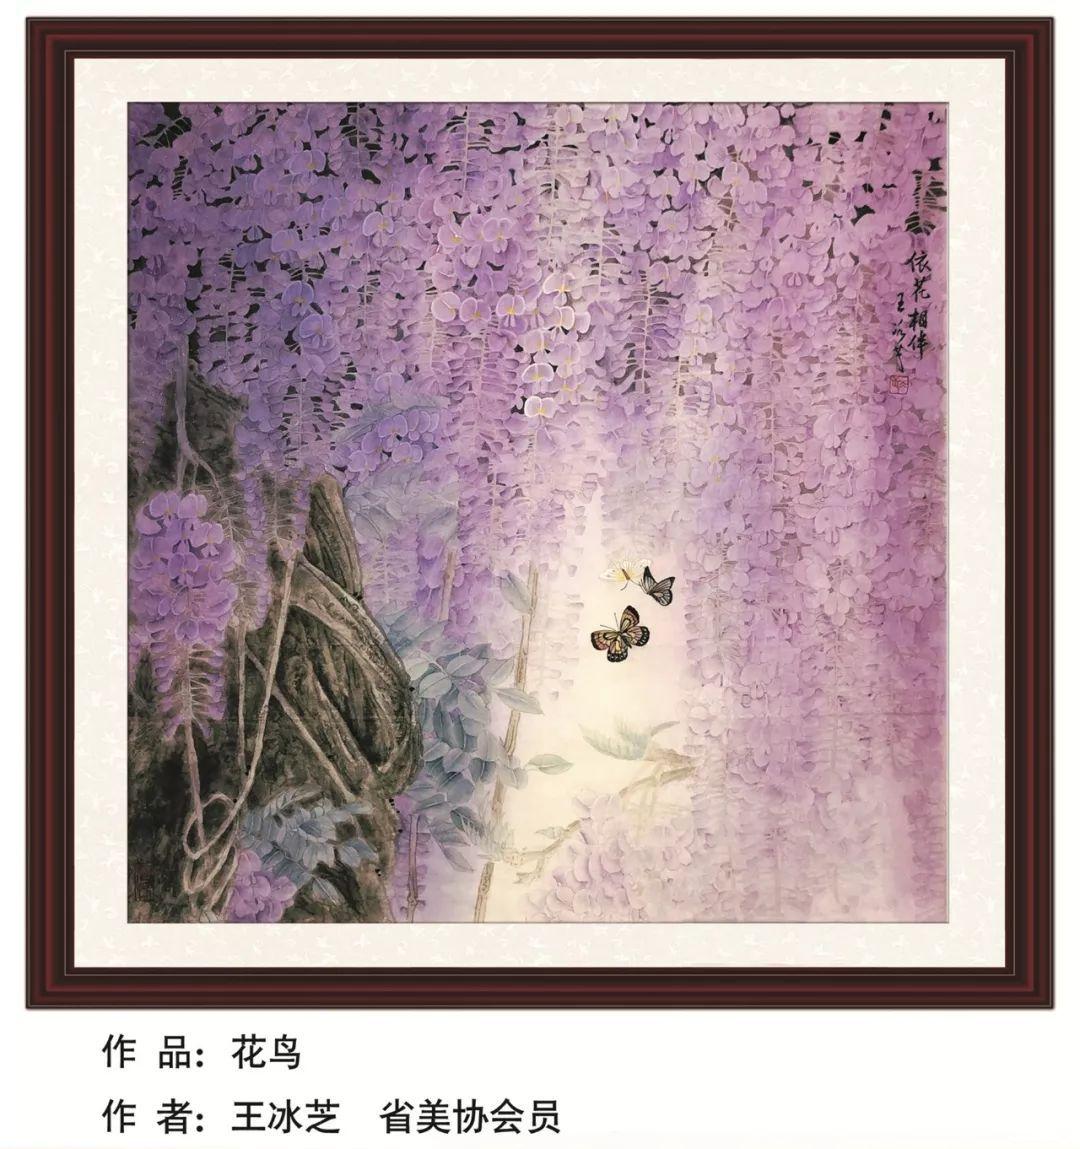 棠邑人文丨快来为六合美术家的精品画作点赞吧.图片